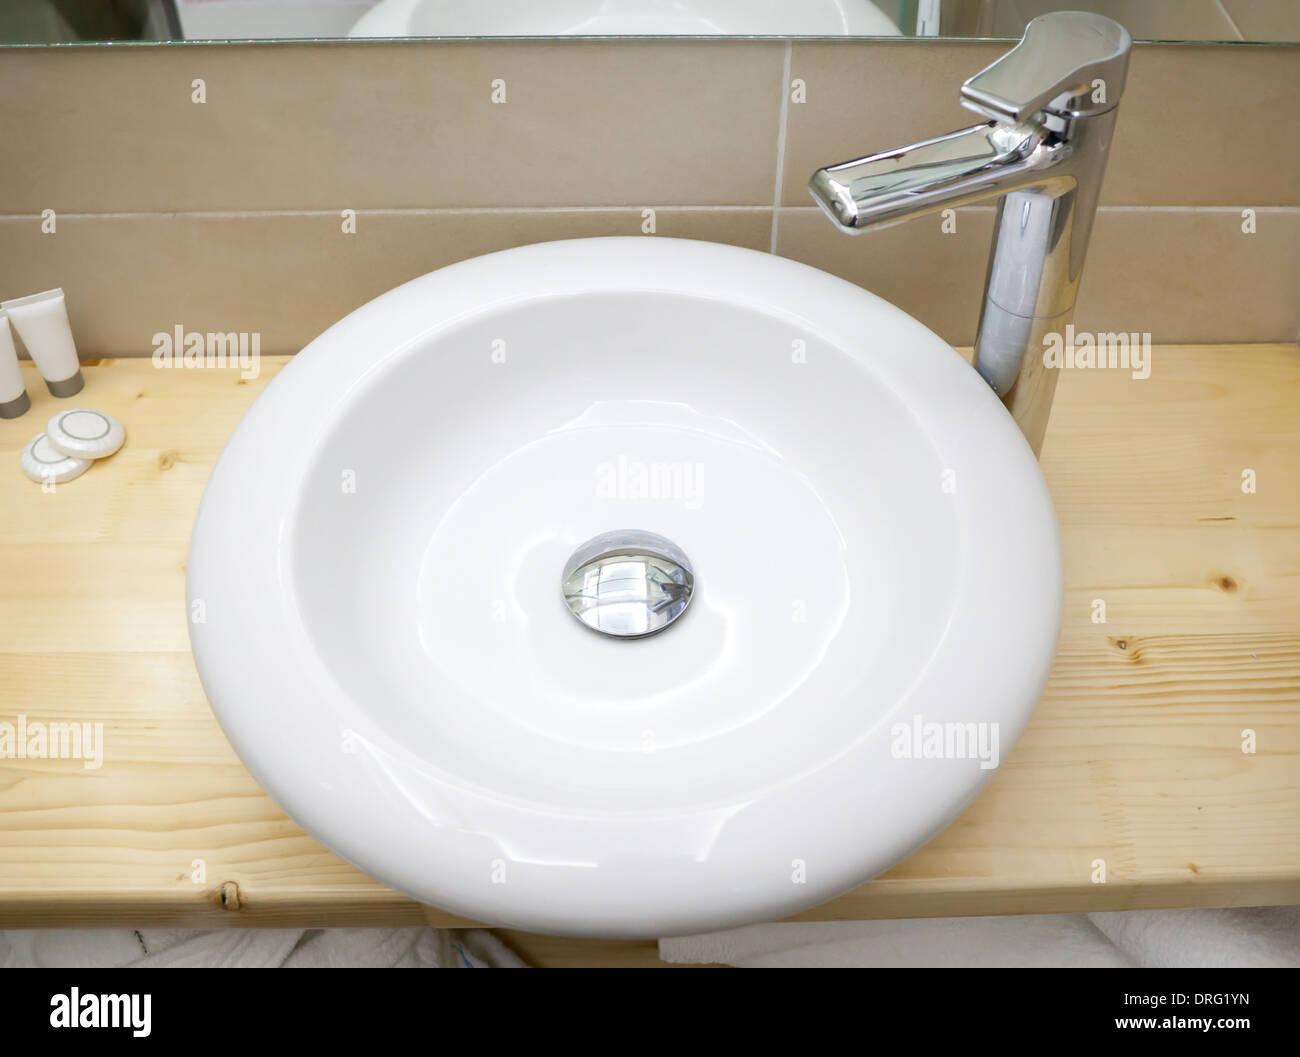 Runde weiße Wanne im Badezimmer auf Holzregal Stockfoto, Bild ...